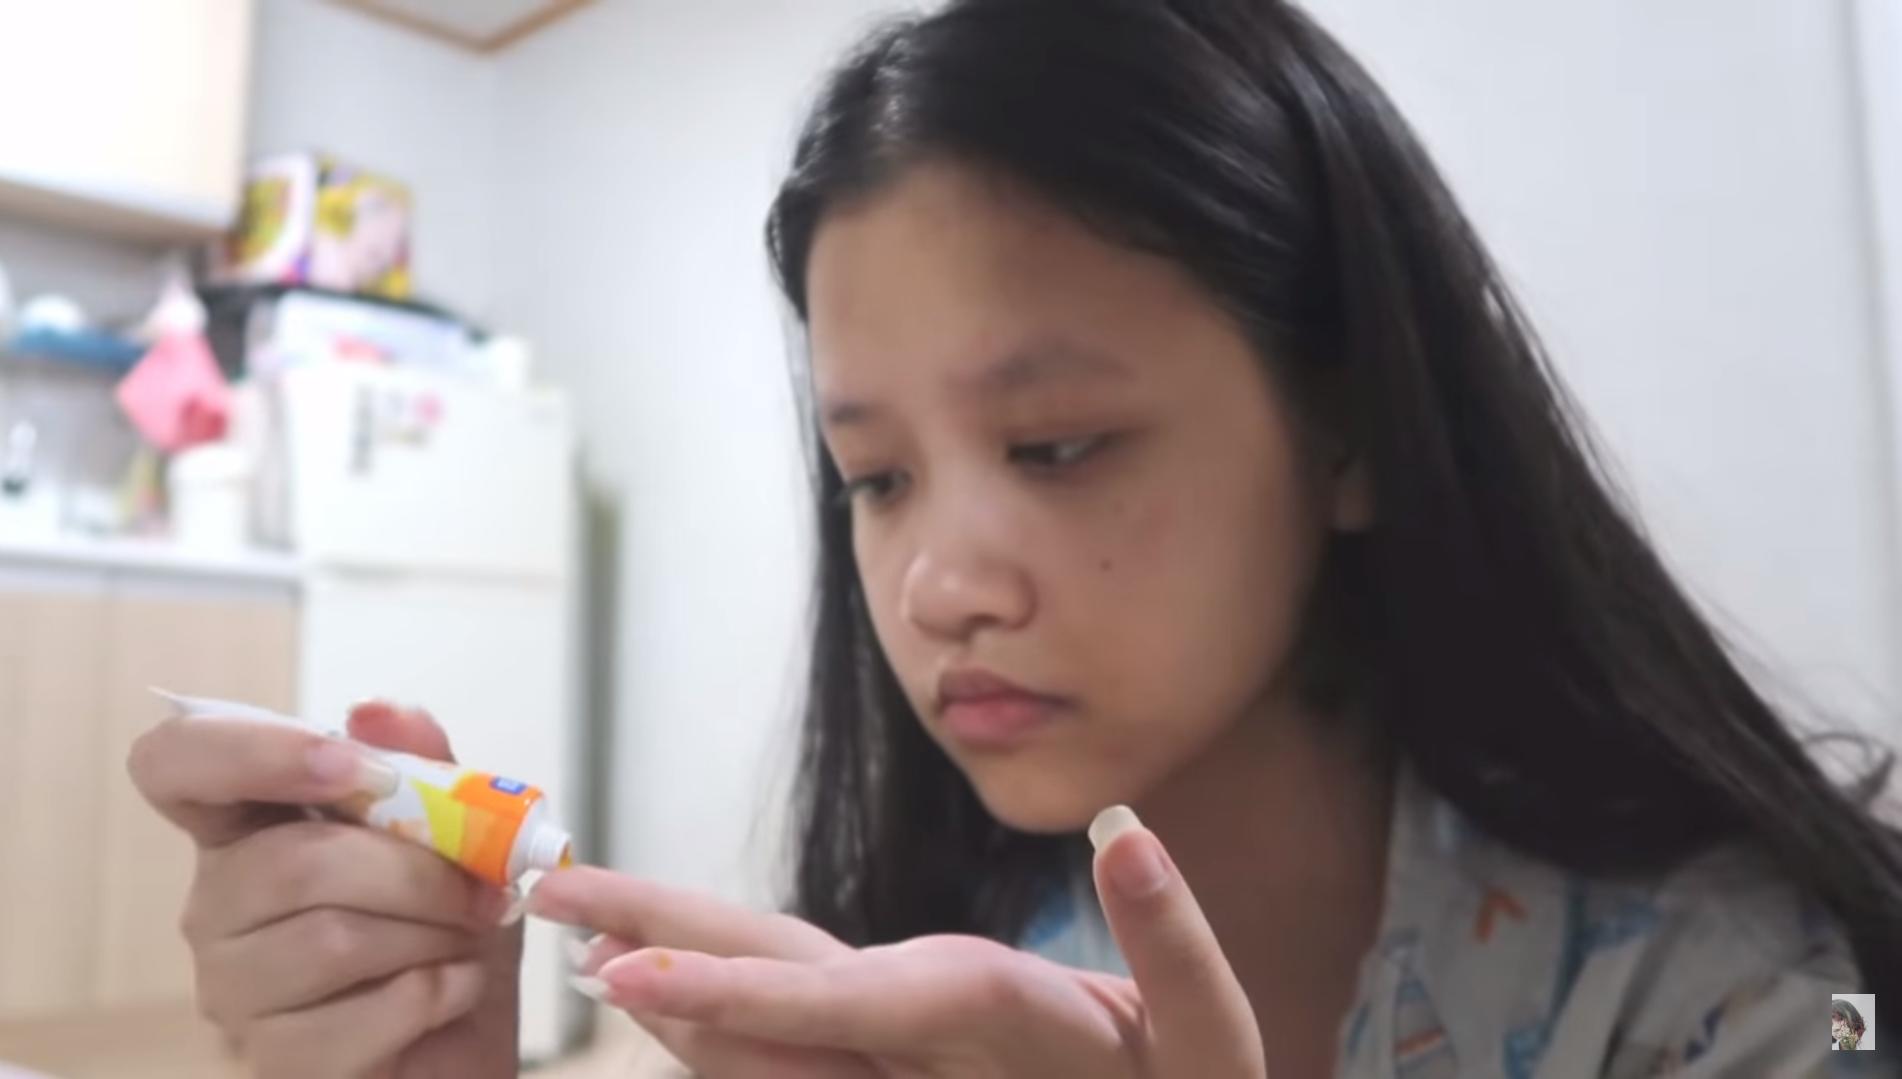 Ly Nguyễn: Cô gái SN 1999 từ Hàn Quốc tin dùng Vietlife Skincare nano để trị mụn, sẹo, thâm cho làn da khô của mình 2